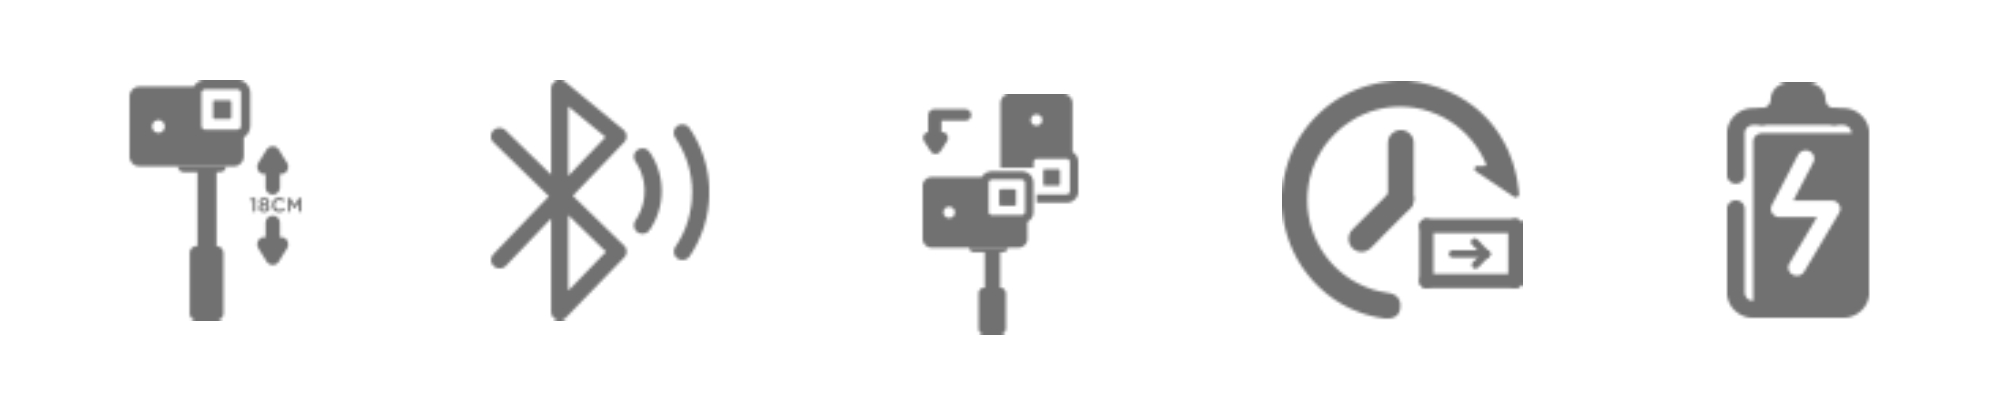 Grafika - Gimbal ręczny FeiyuTech Vimble 2A do kamer sportowych_06.jpg